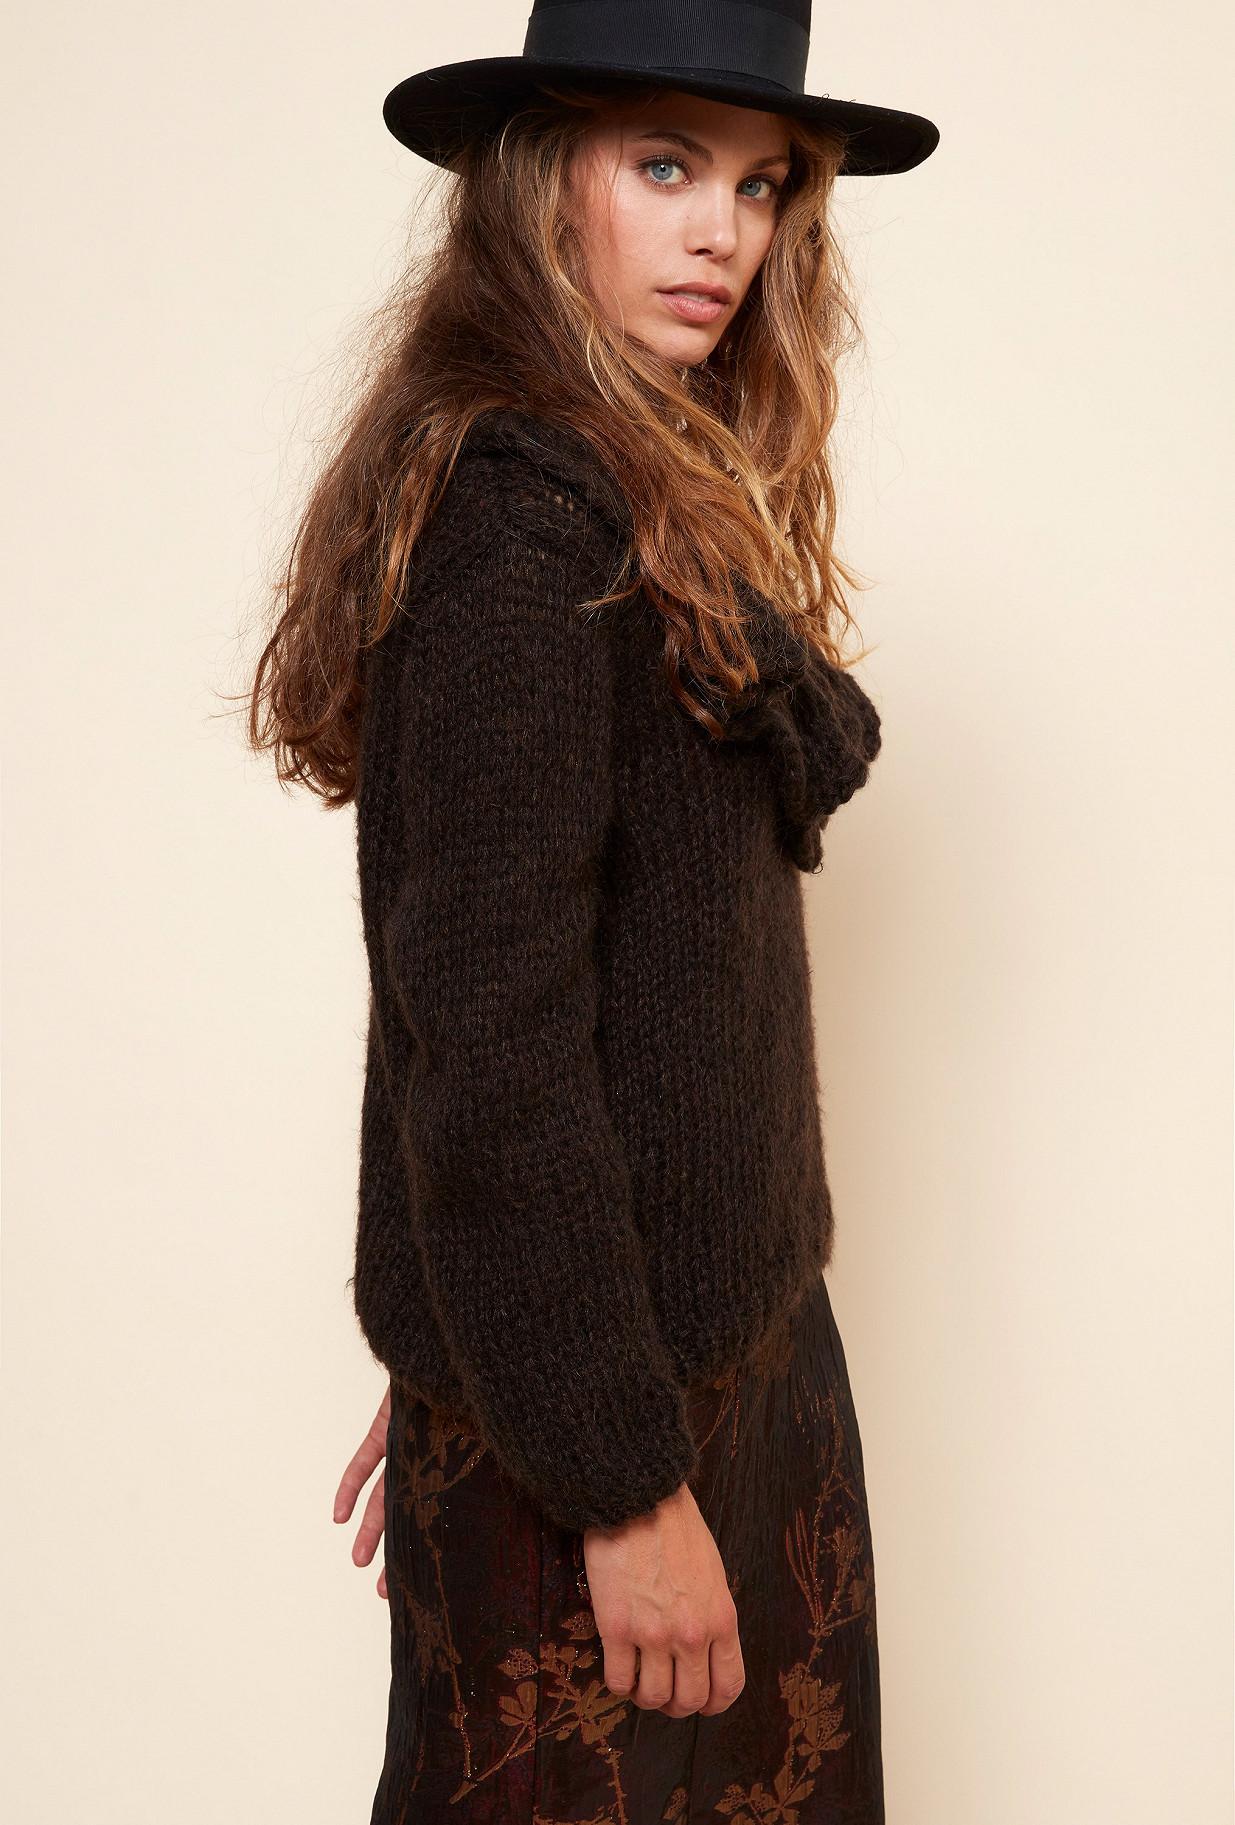 Charcoal  Knit  Frisco Mes demoiselles fashion clothes designer Paris